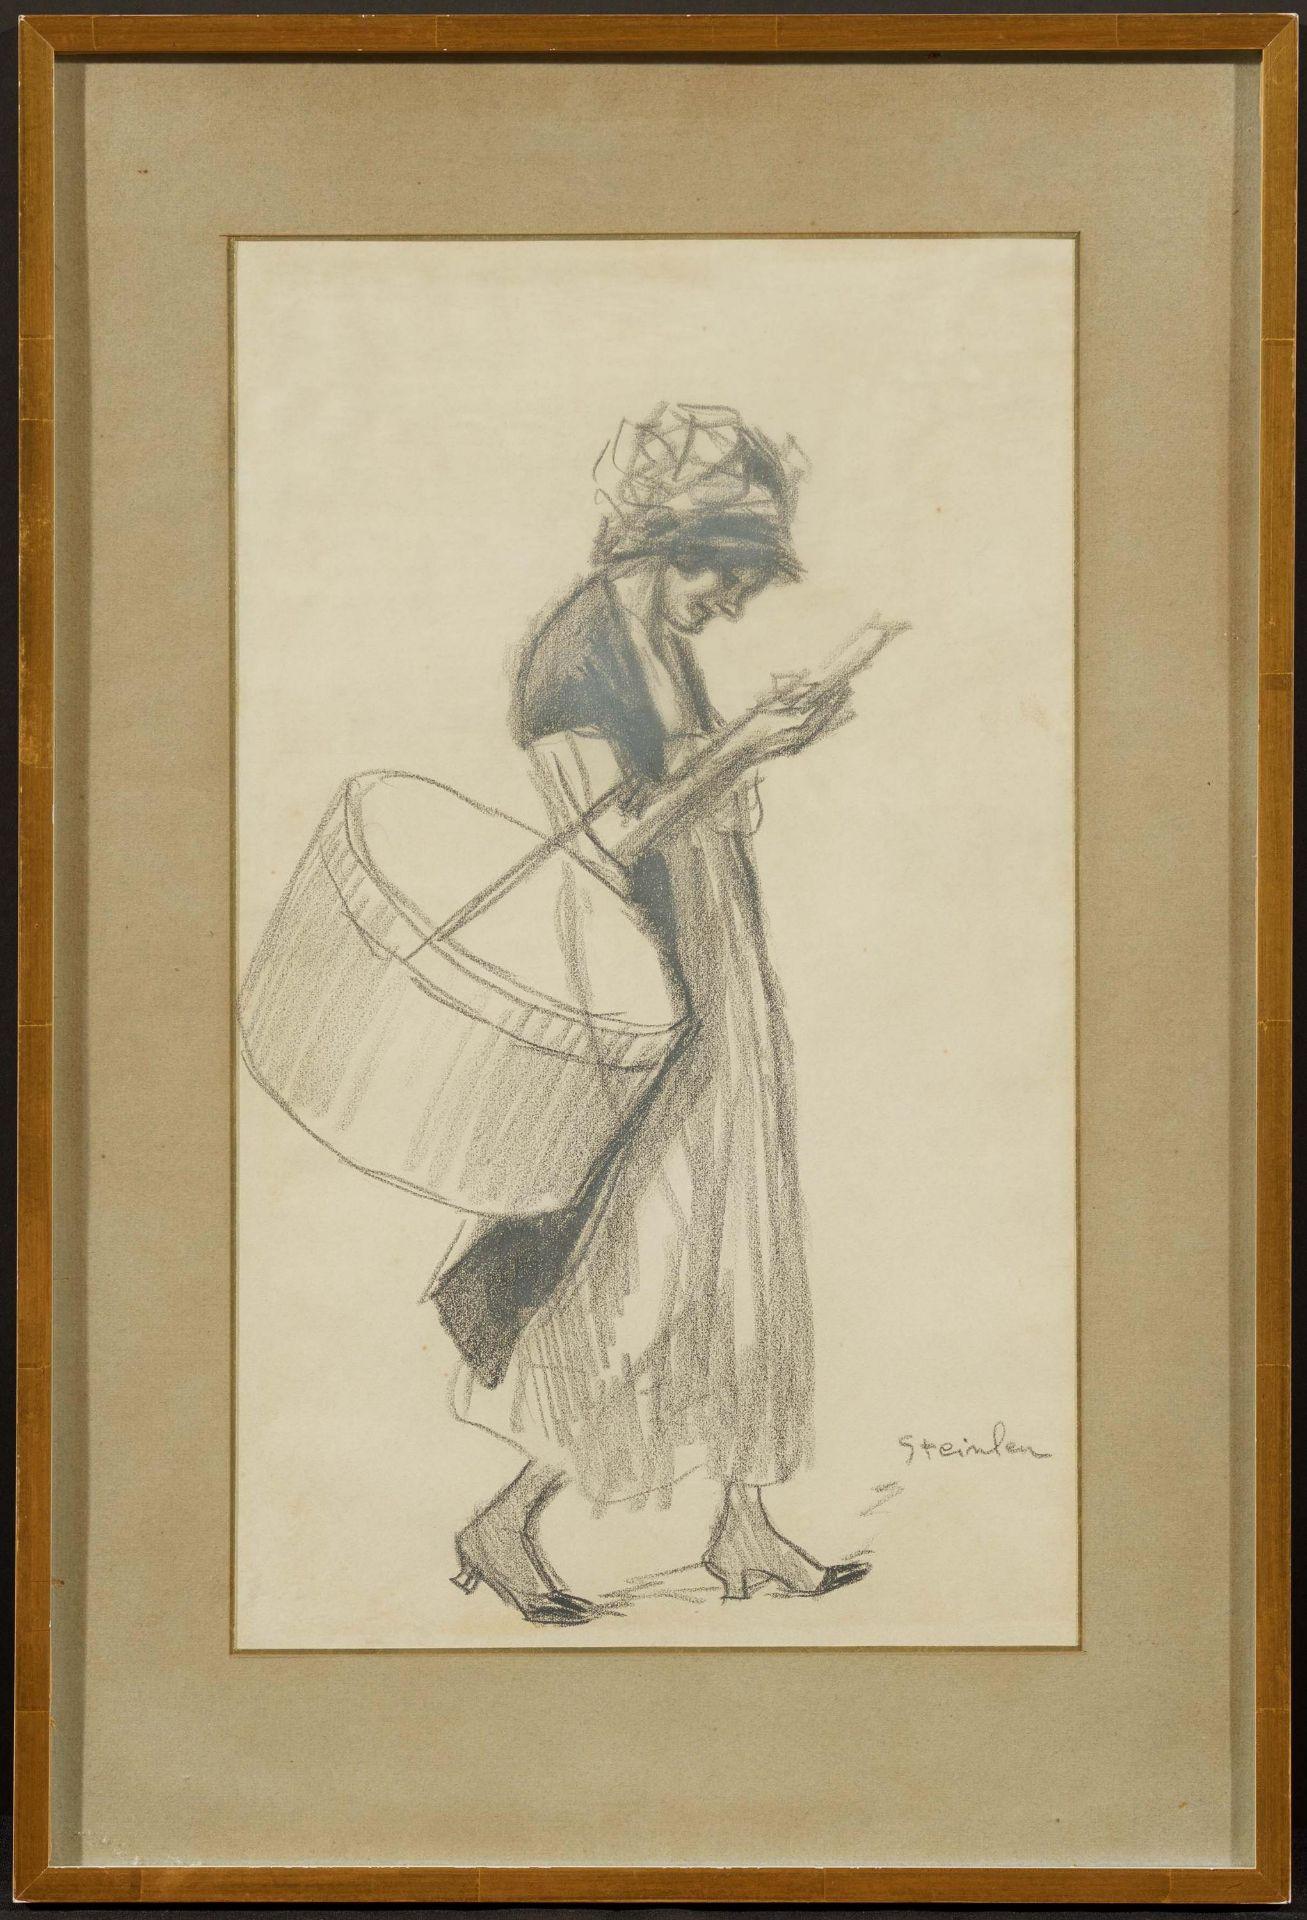 Steinlen, Théophile-Alexandre. 1859 Lausanne - 1923 Paris. Midinette. Lesendes junges Mädchen. - Bild 2 aus 4